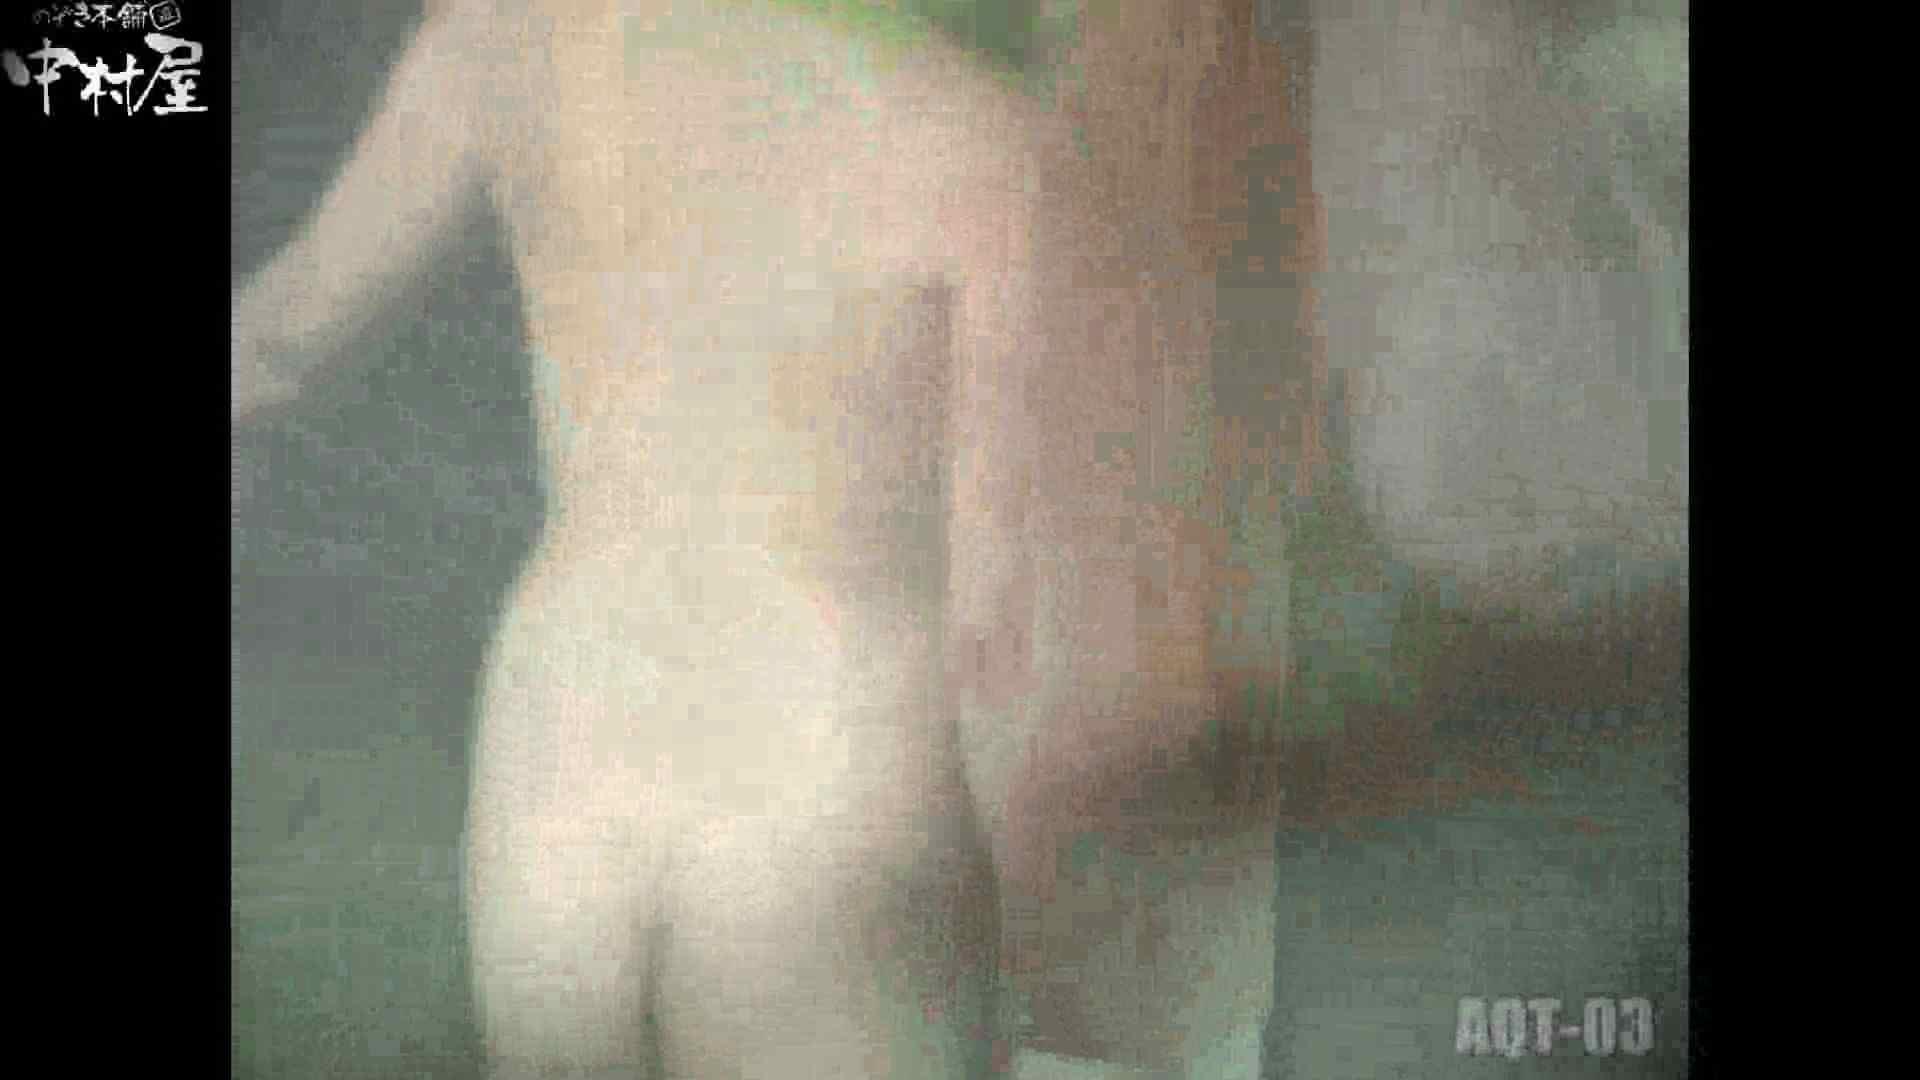 Aquaな露天風呂Vol.867潜入盗撮露天風呂参判湯 其の二 OLセックス | 盗撮  58画像 45